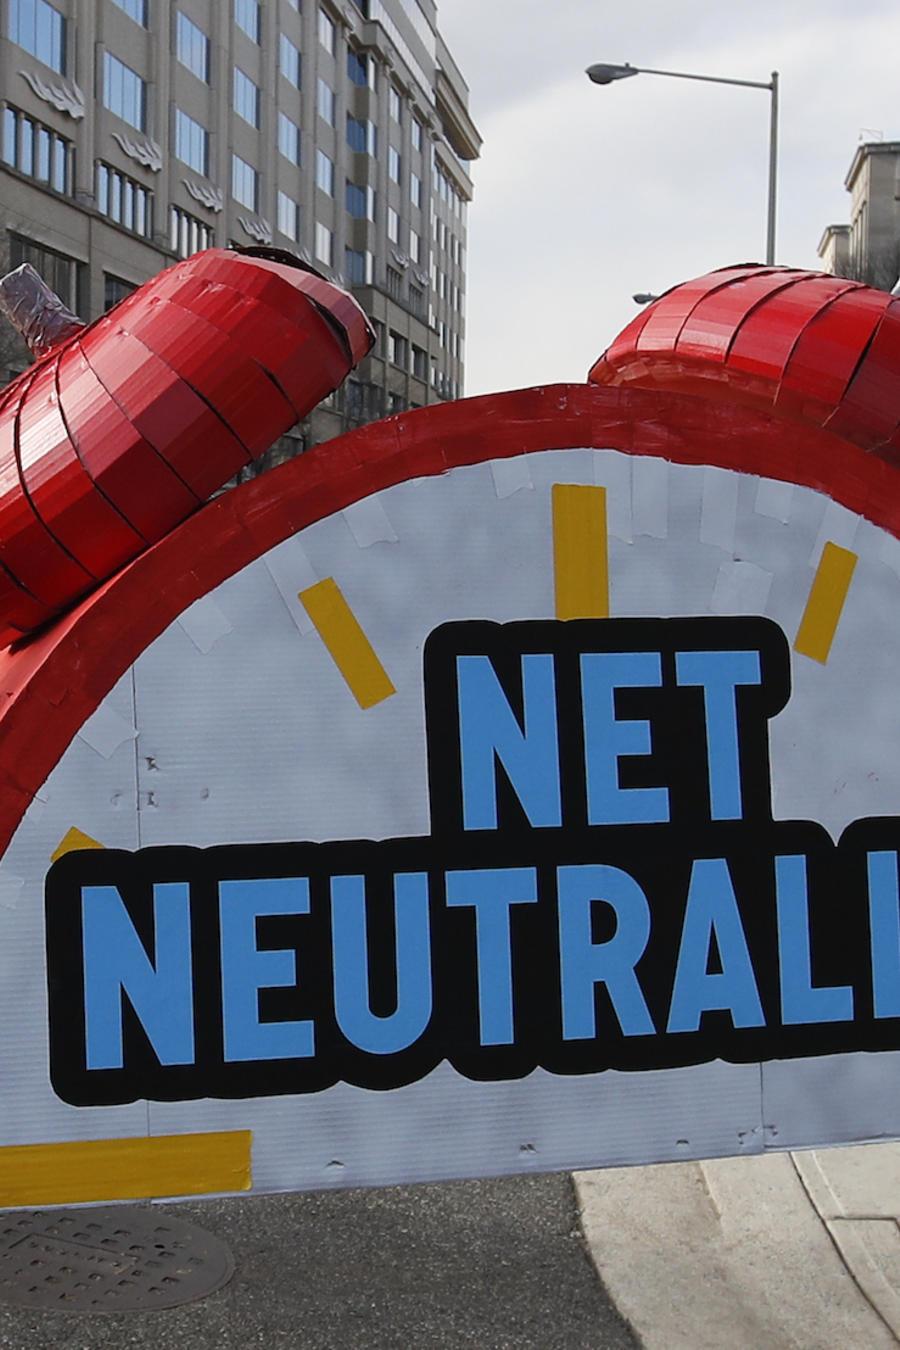 Protesta a favor de la neutralidad de la red, hoy en Washington DC.